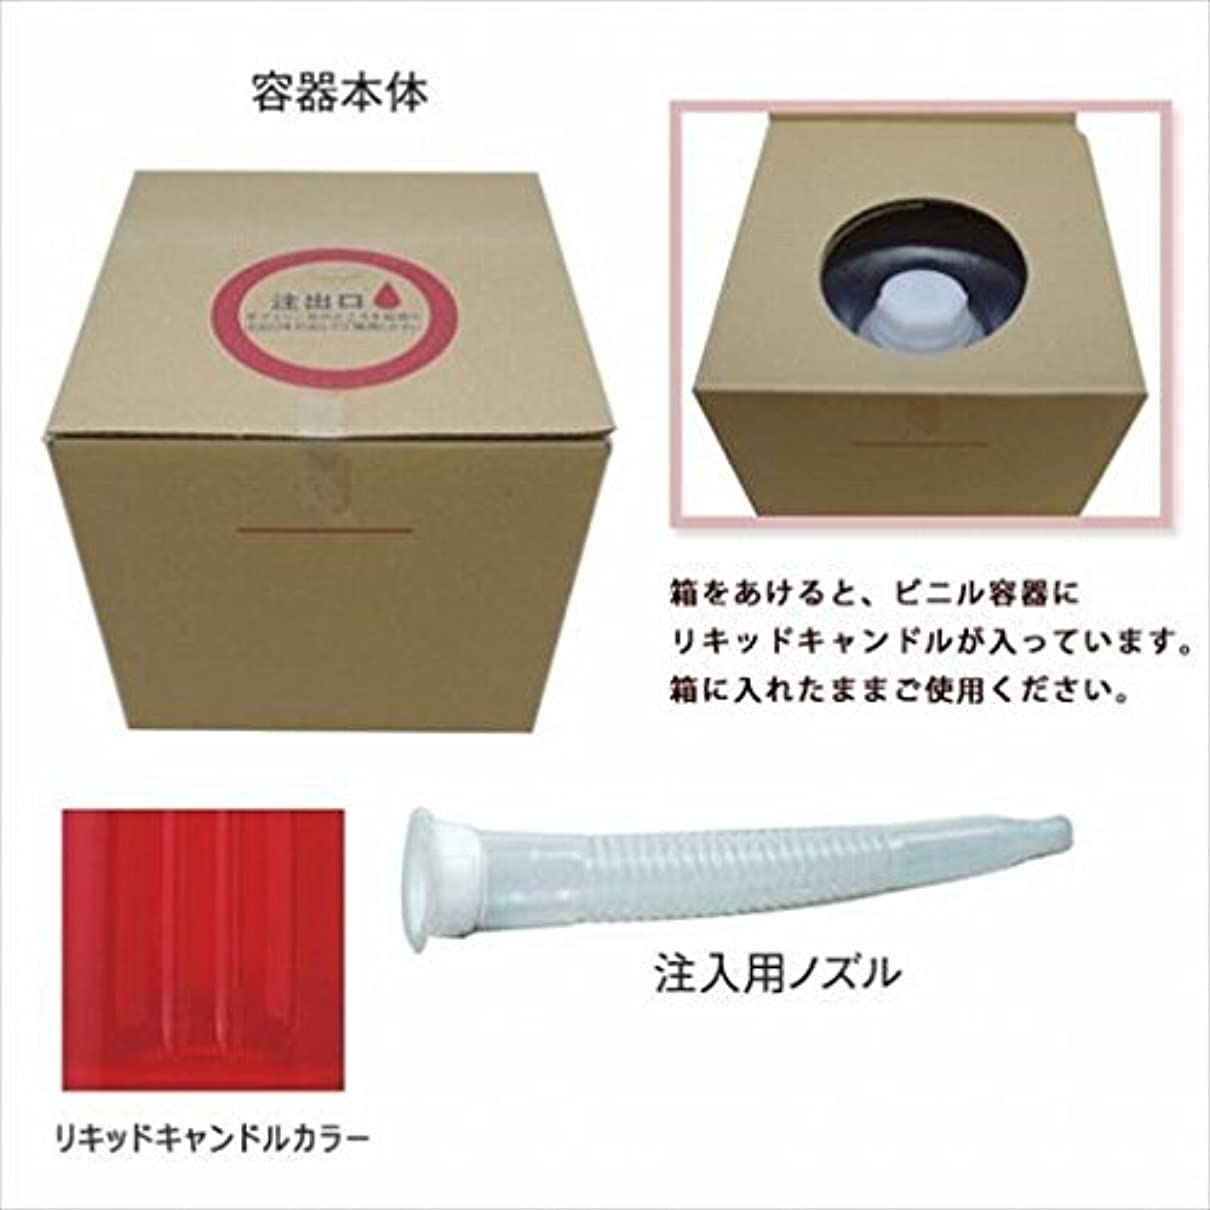 条約分離するピクニックをするカメヤマキャンドル(kameyama candle) リキッドキャンドル5リットル 「 ワインレッド 」